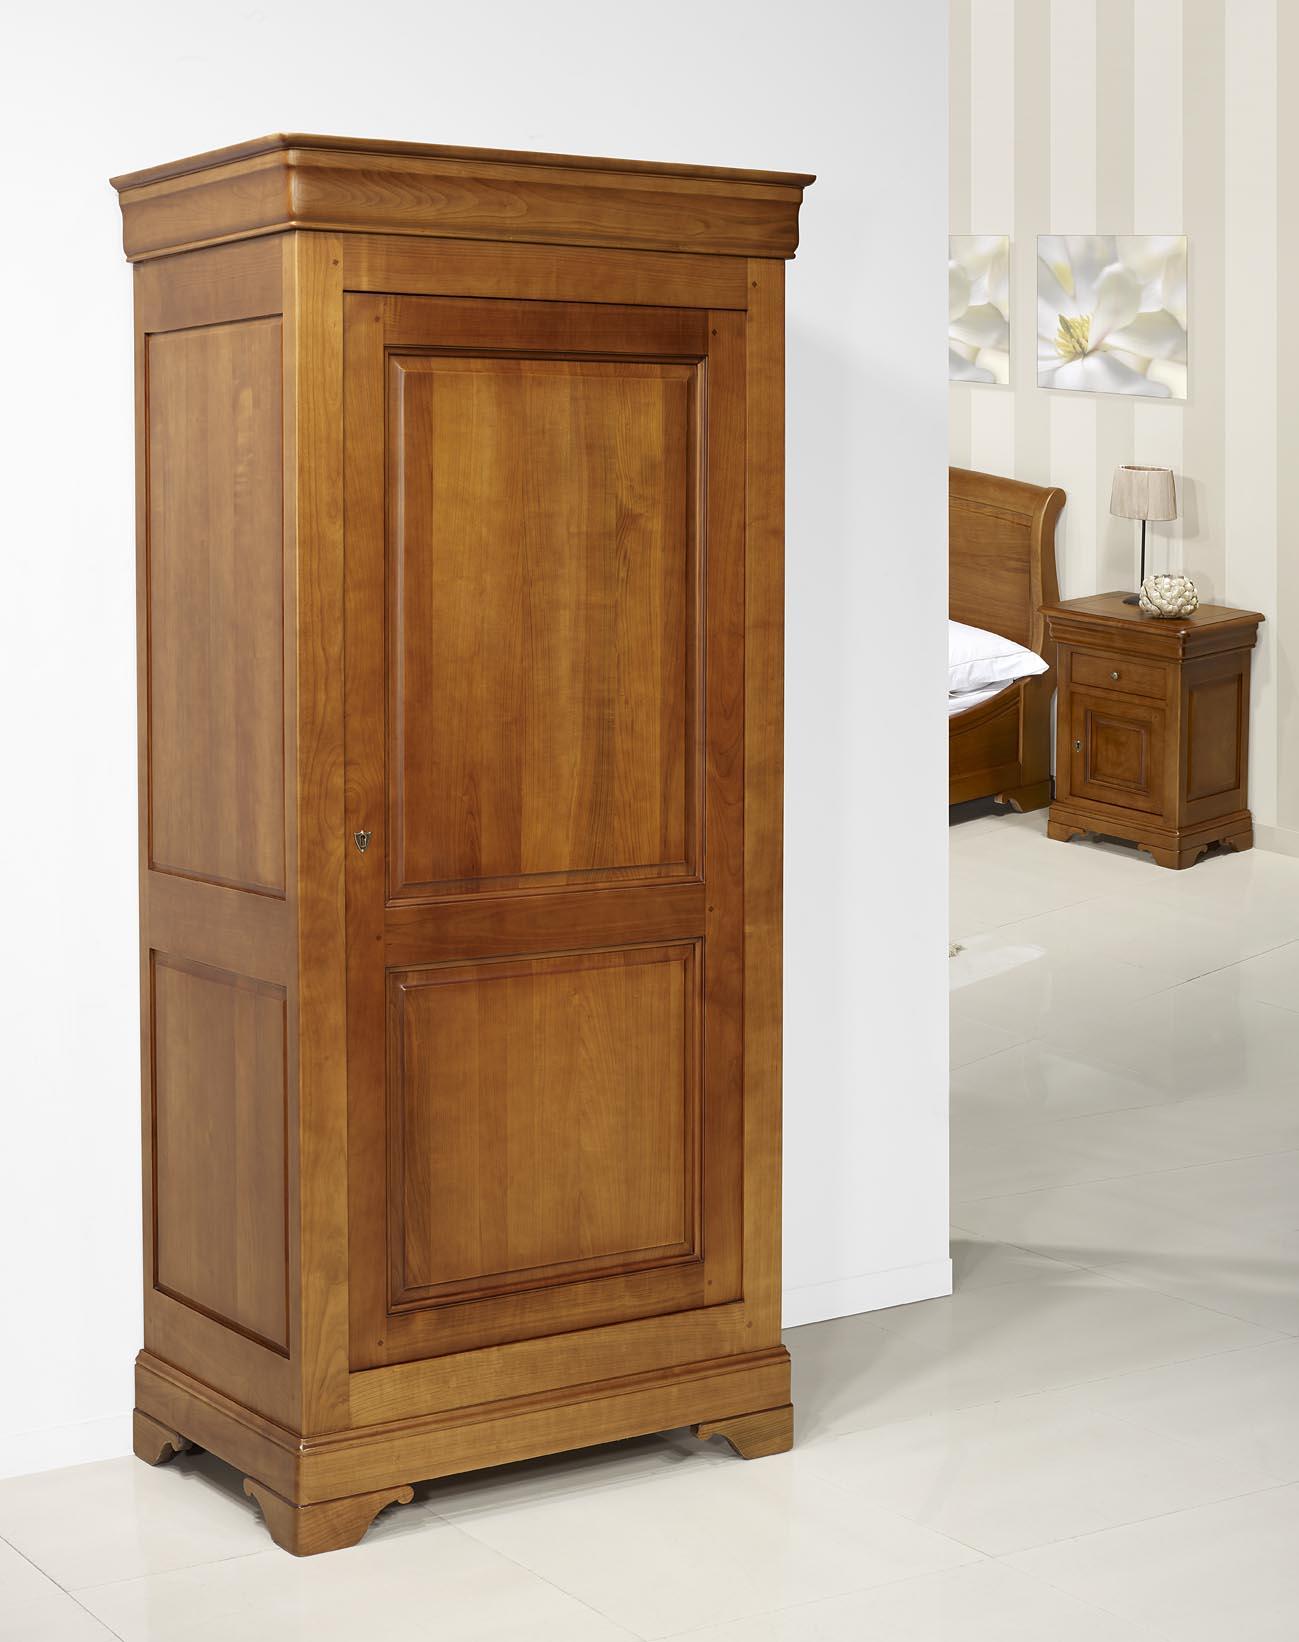 Bonneti re en merisier massif de style louis philippe meuble en merisier massif - Meubles en merisier louis philippe ...